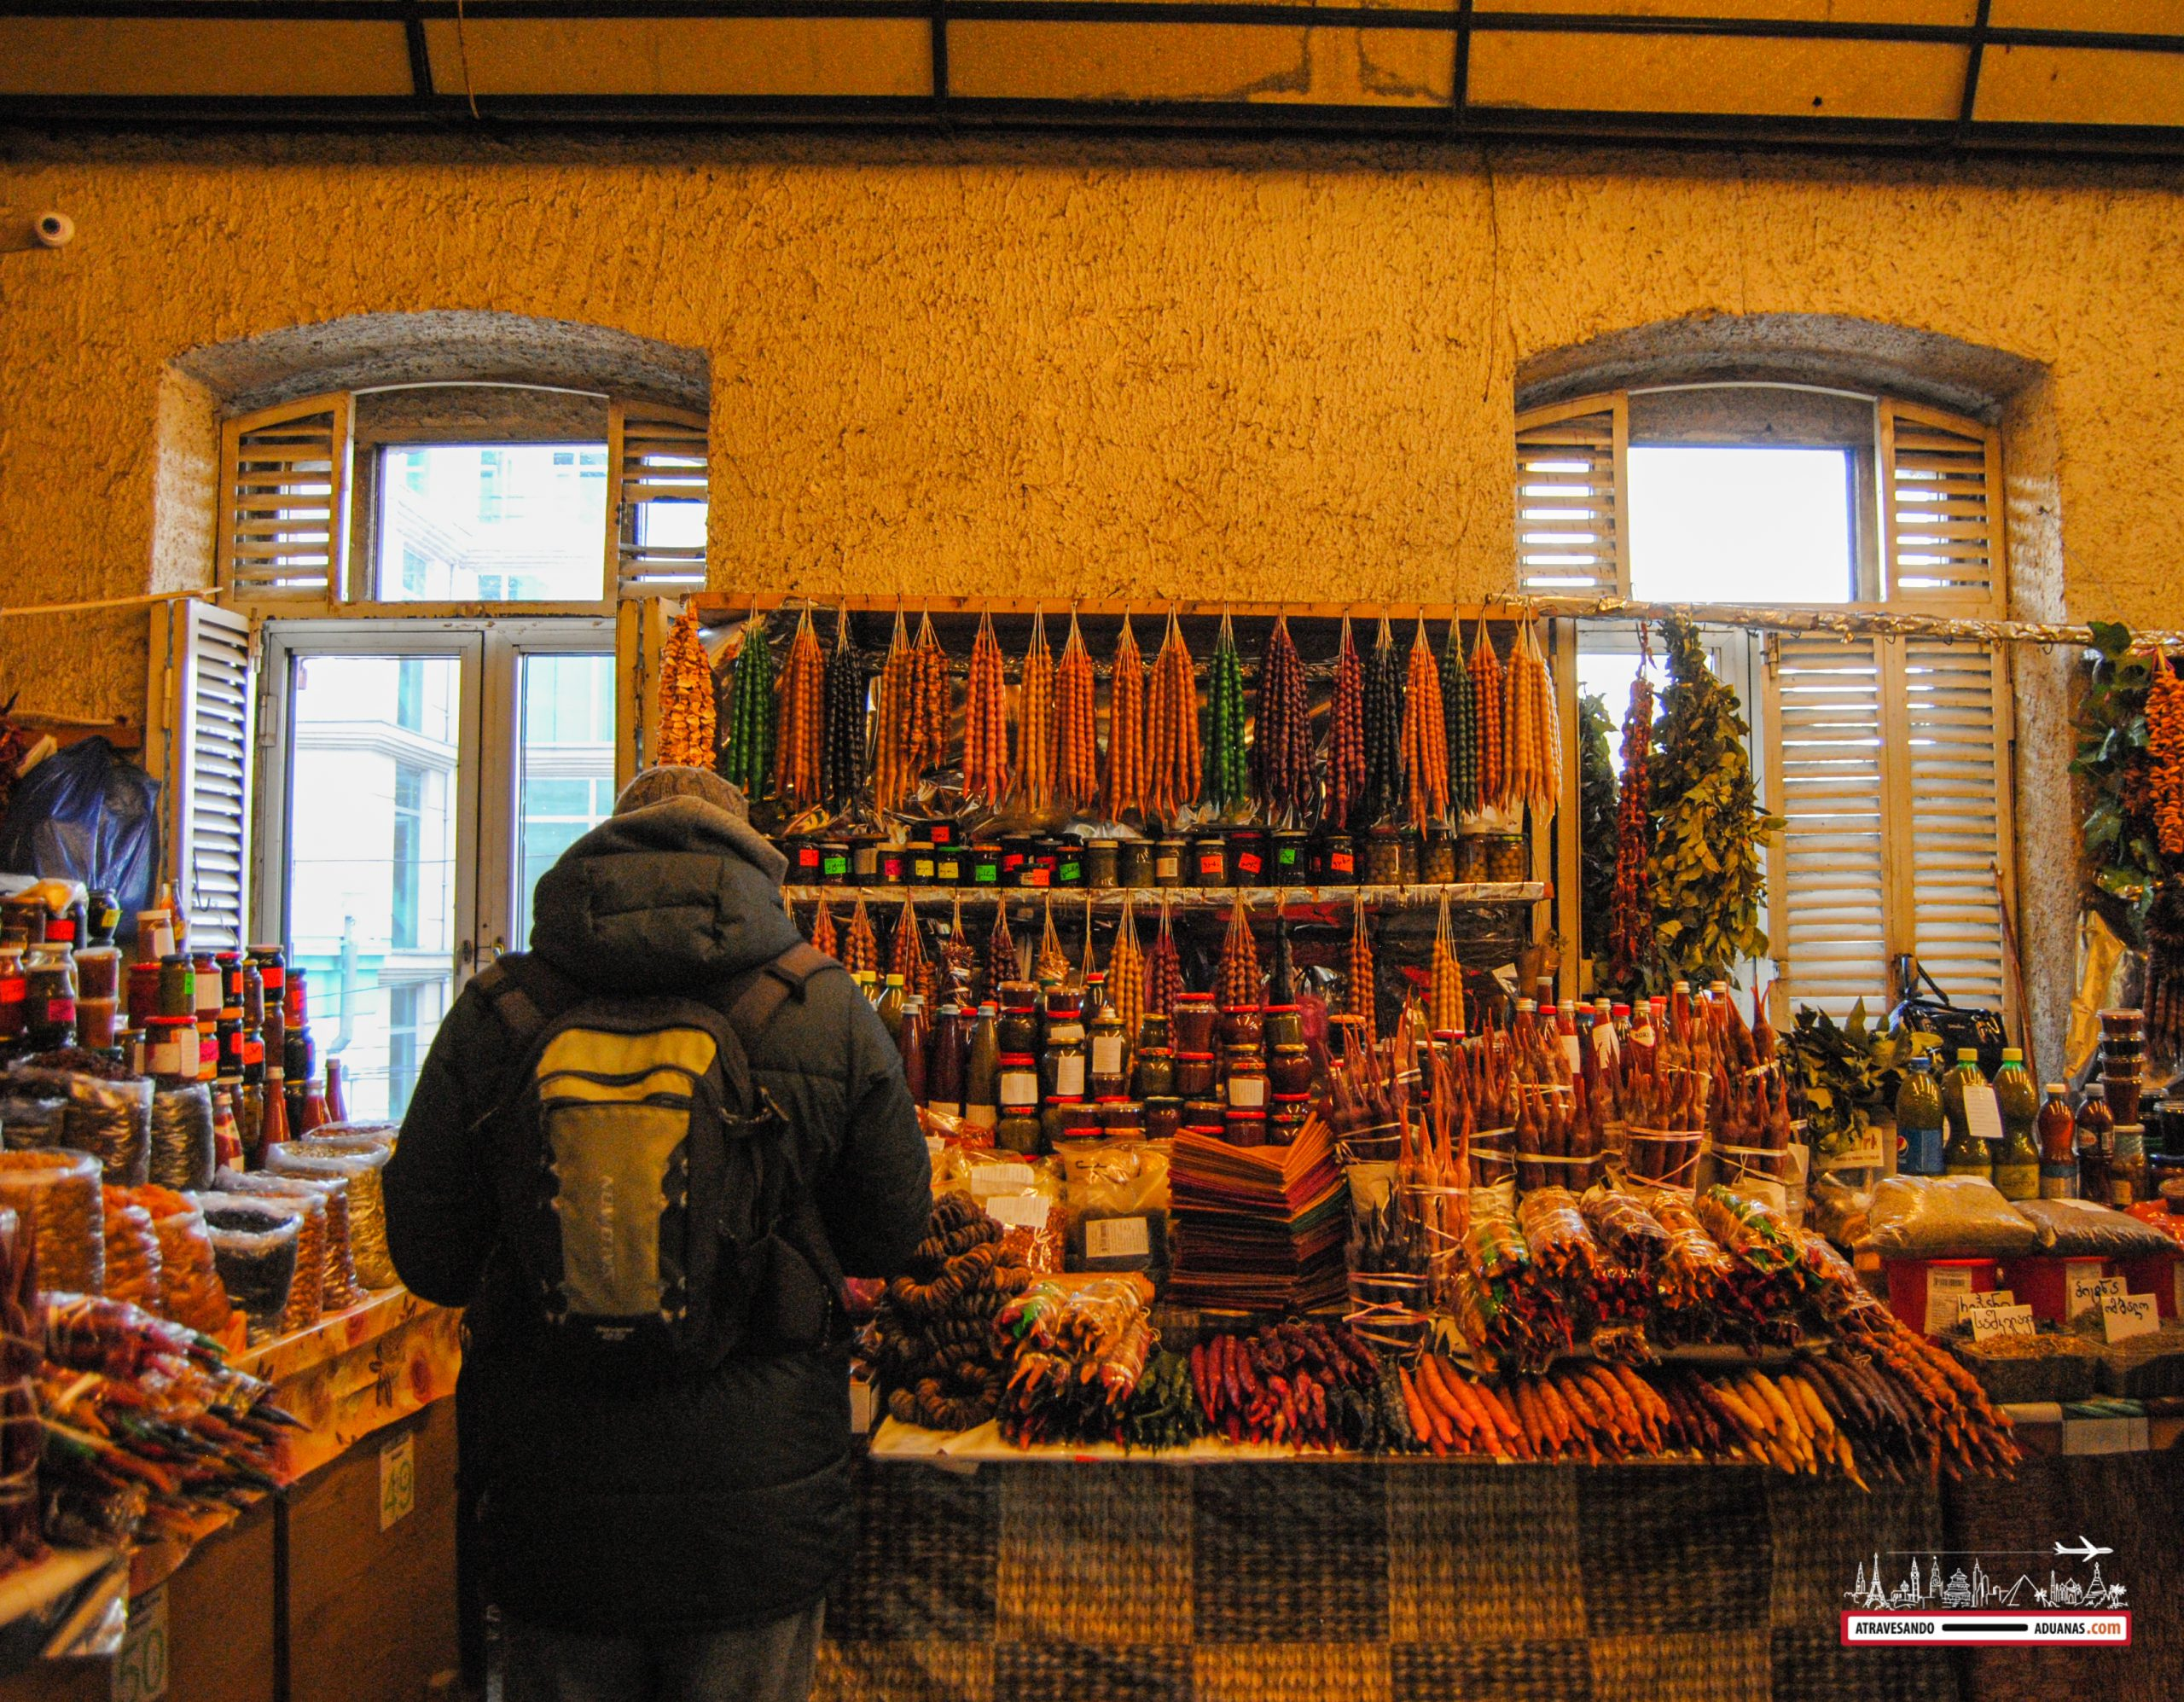 parada de churchkhela en el dezerter bazaar de tbilisi